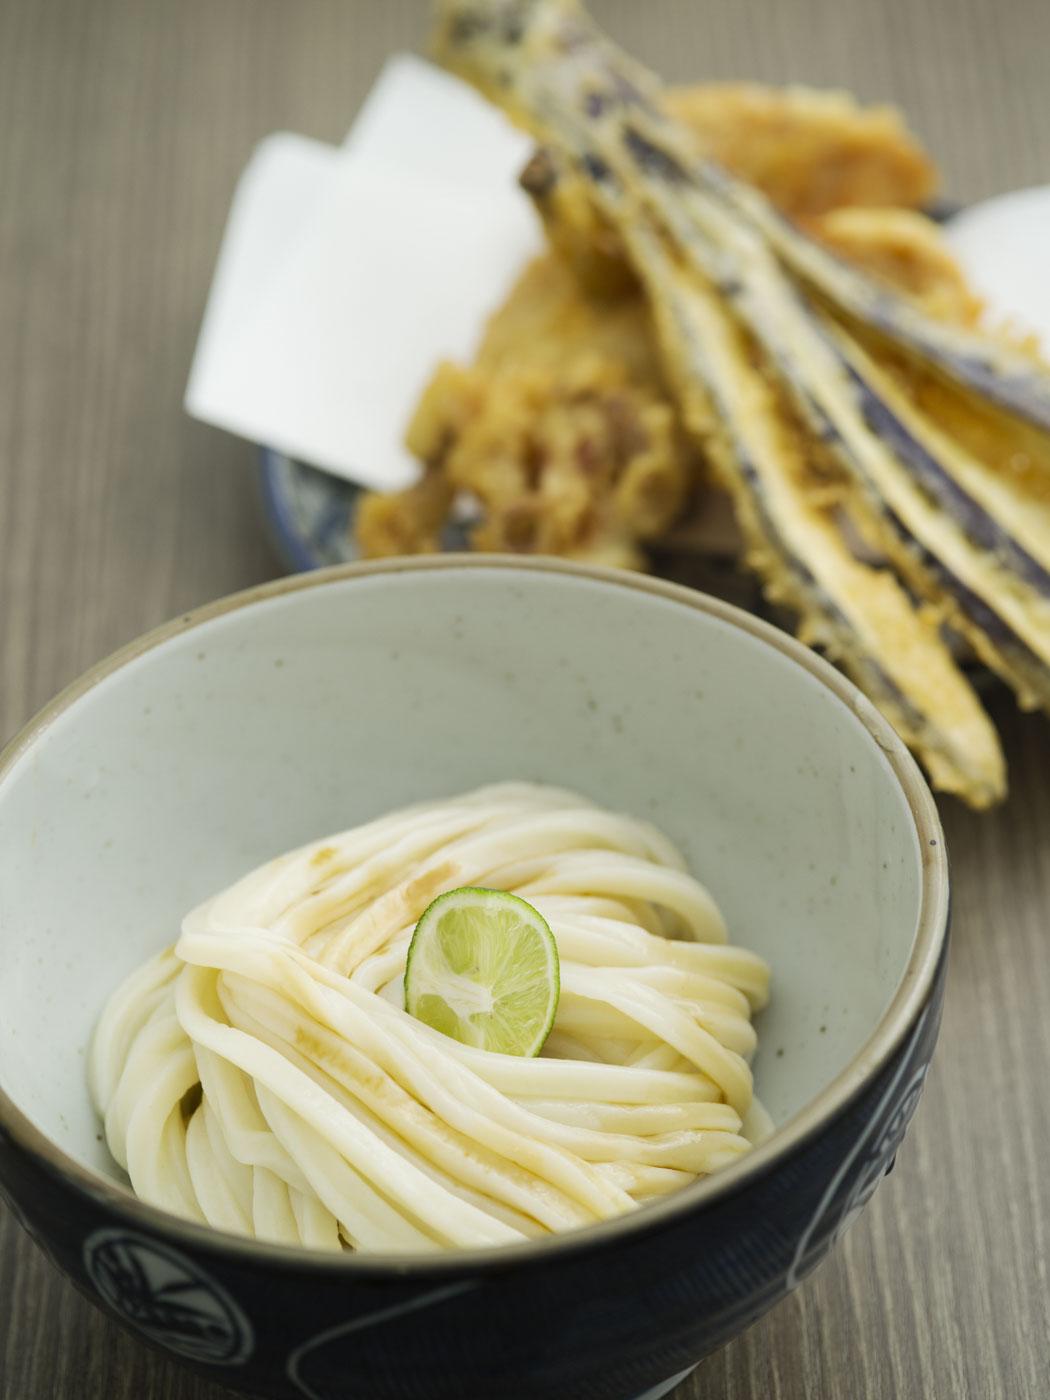 四国のだし醤油で味わう「しょうゆ」590円と甲州健味どりの直白天400円。